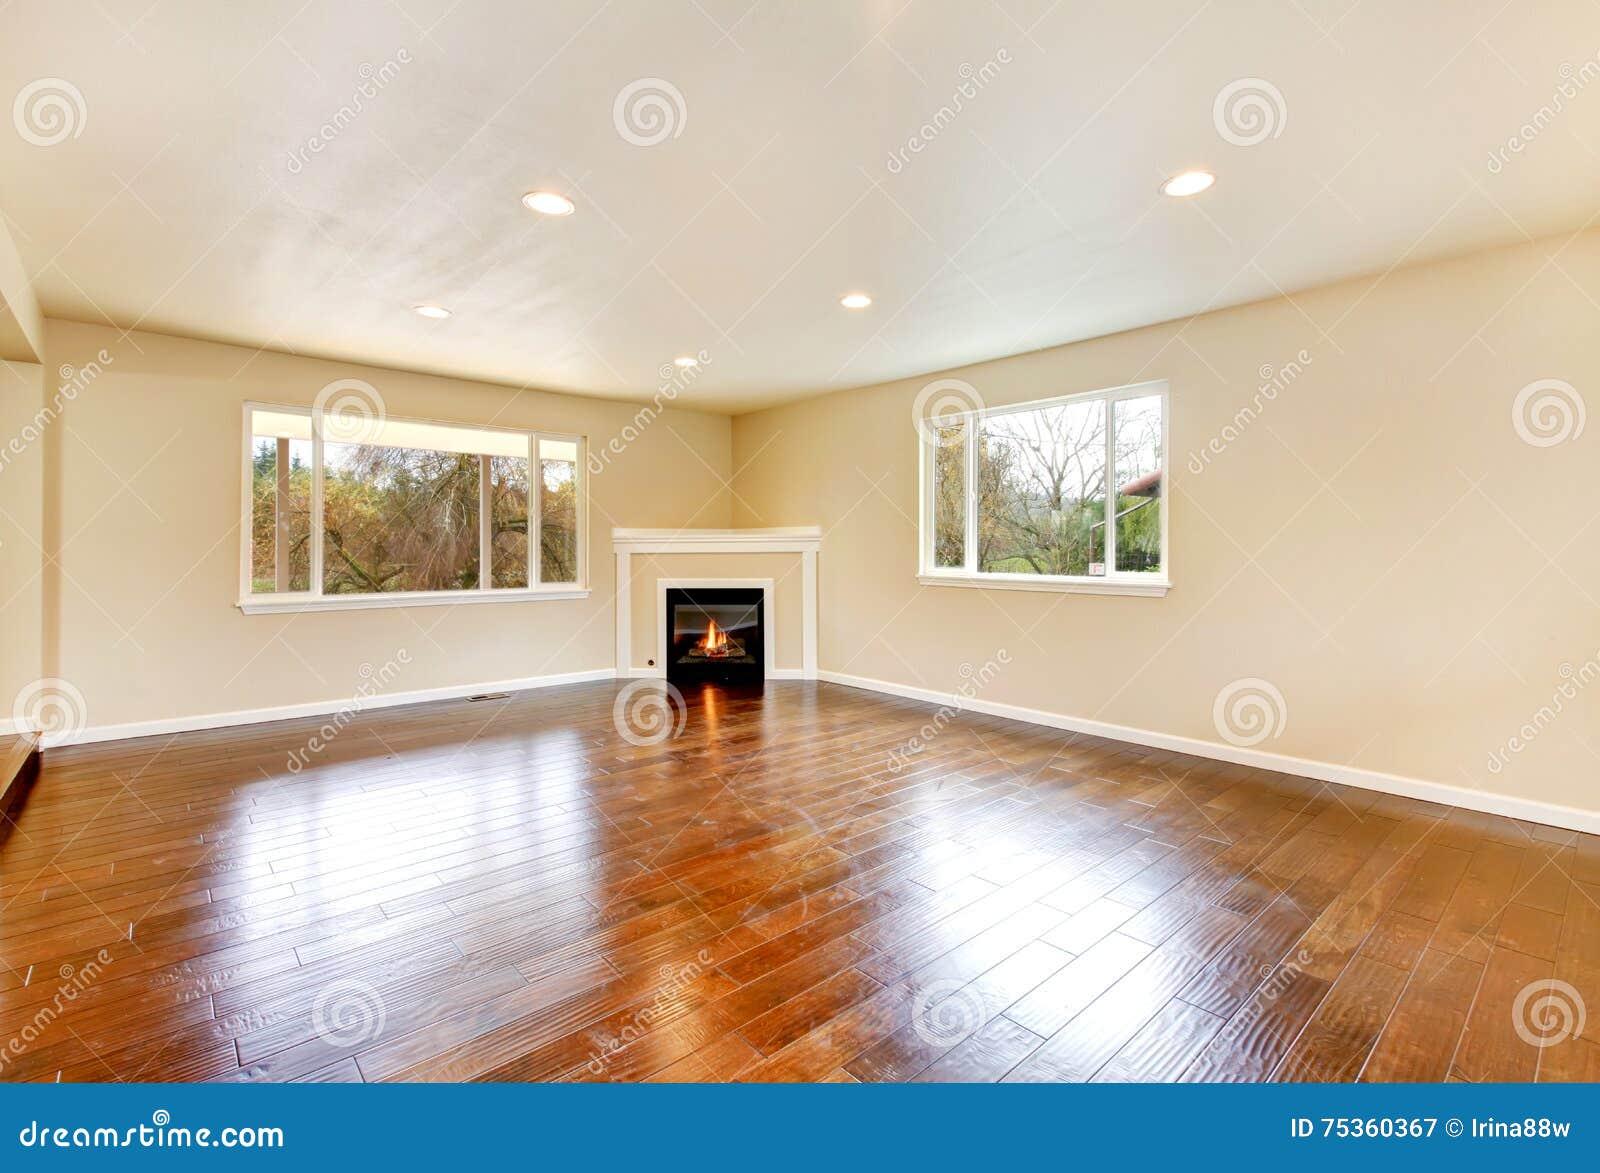 Empty Fireplace Floor Hardwood Living Polished Room